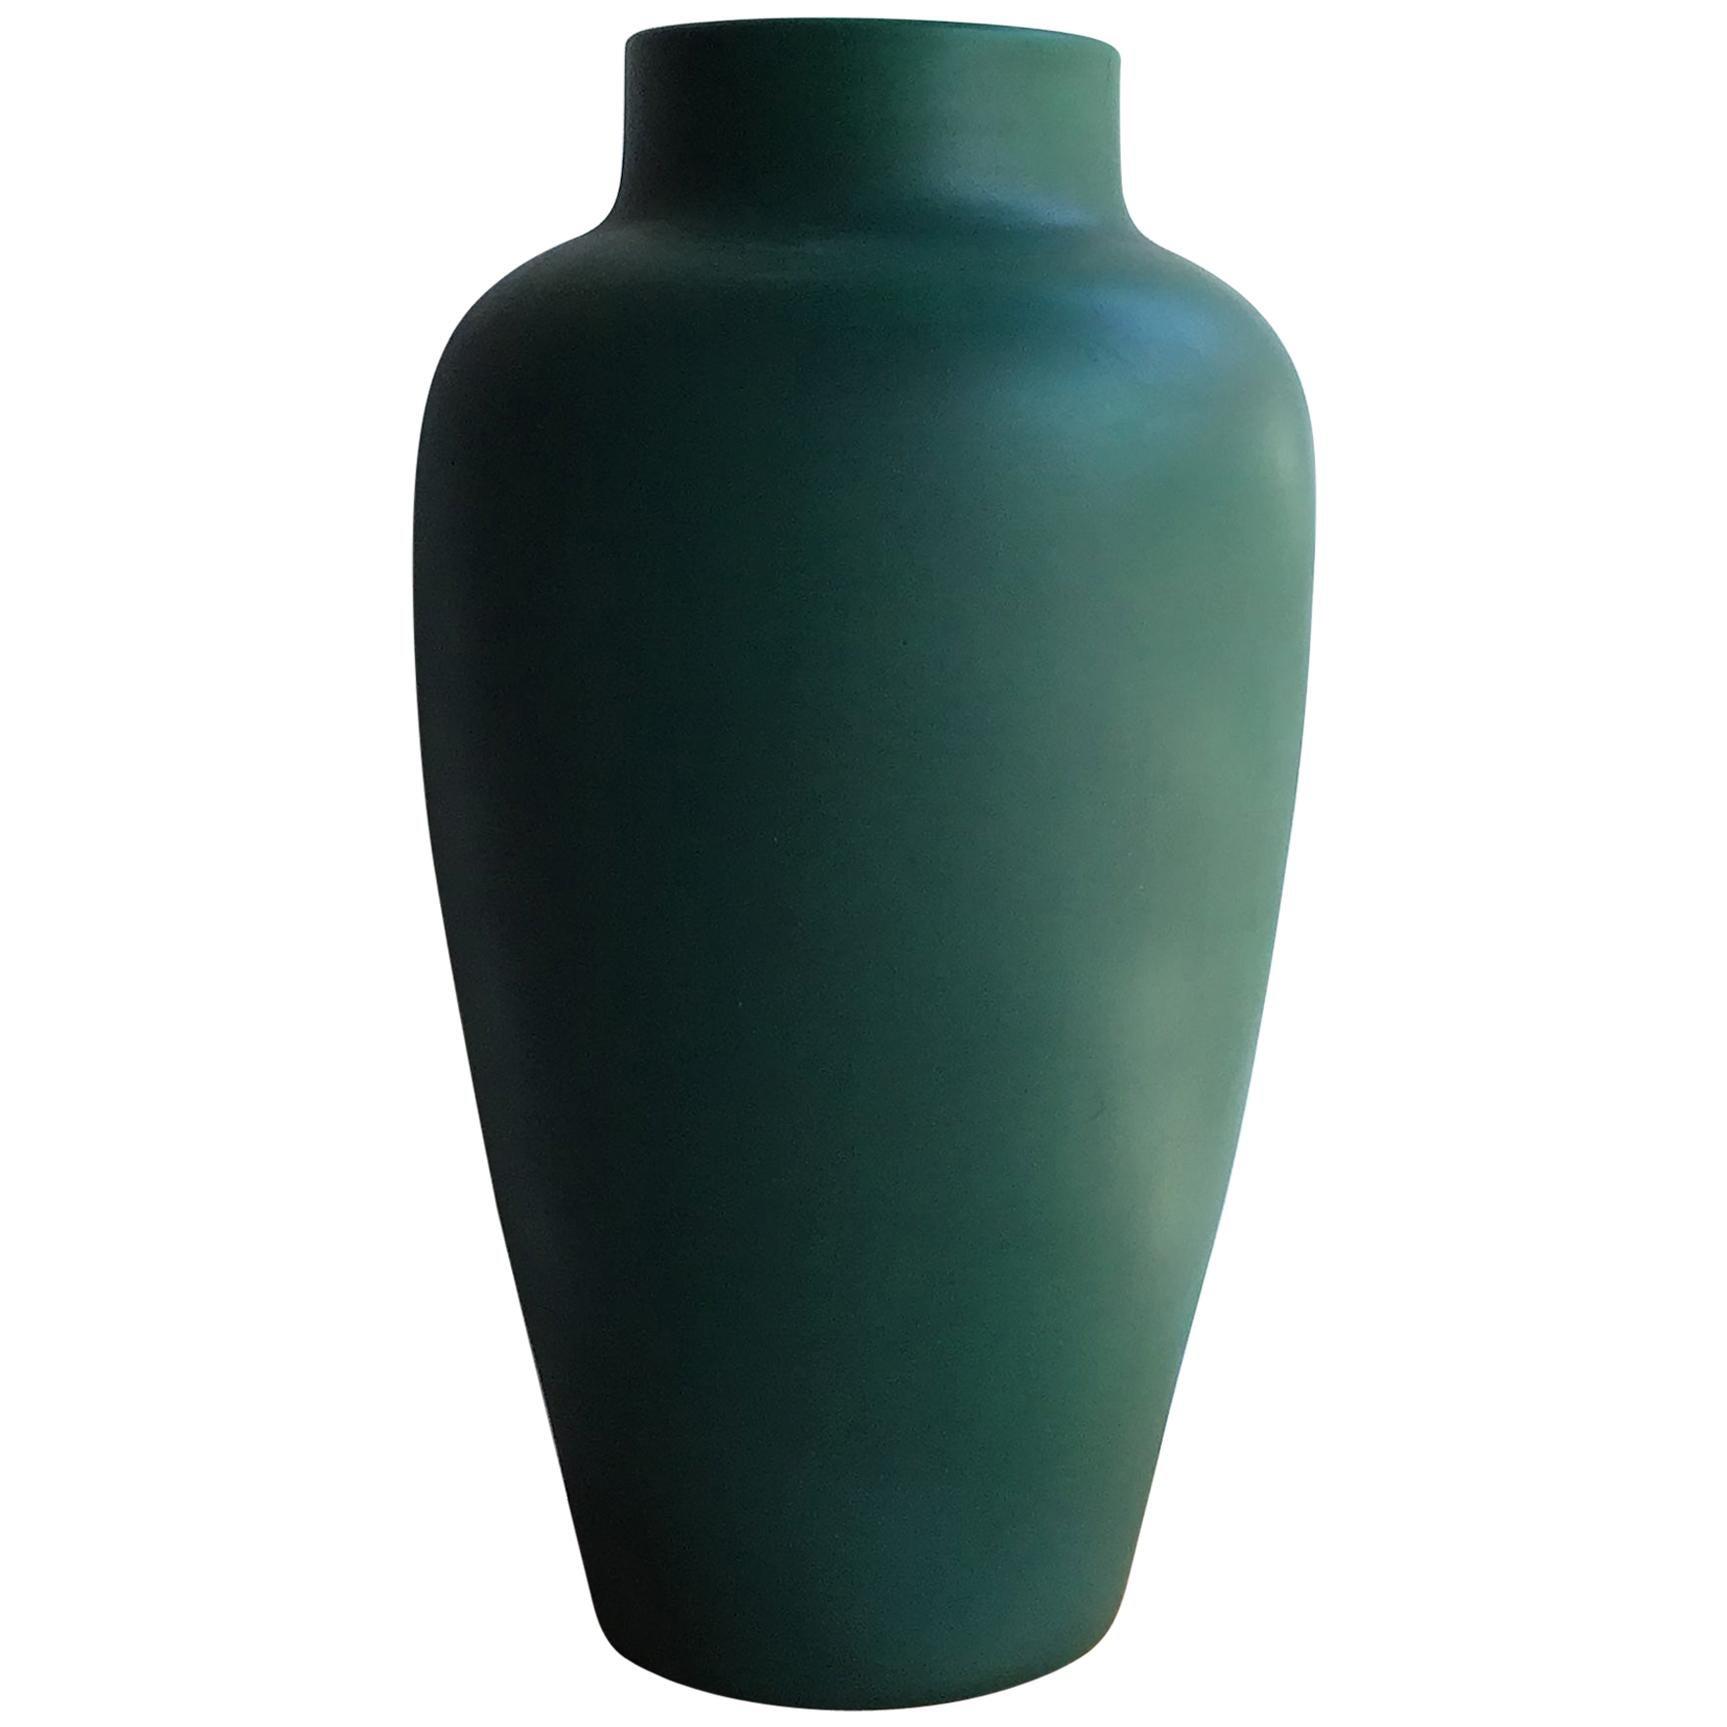 S.C.I Laveno Vase/Umbrella Stand Ceramic, 1940, Italy